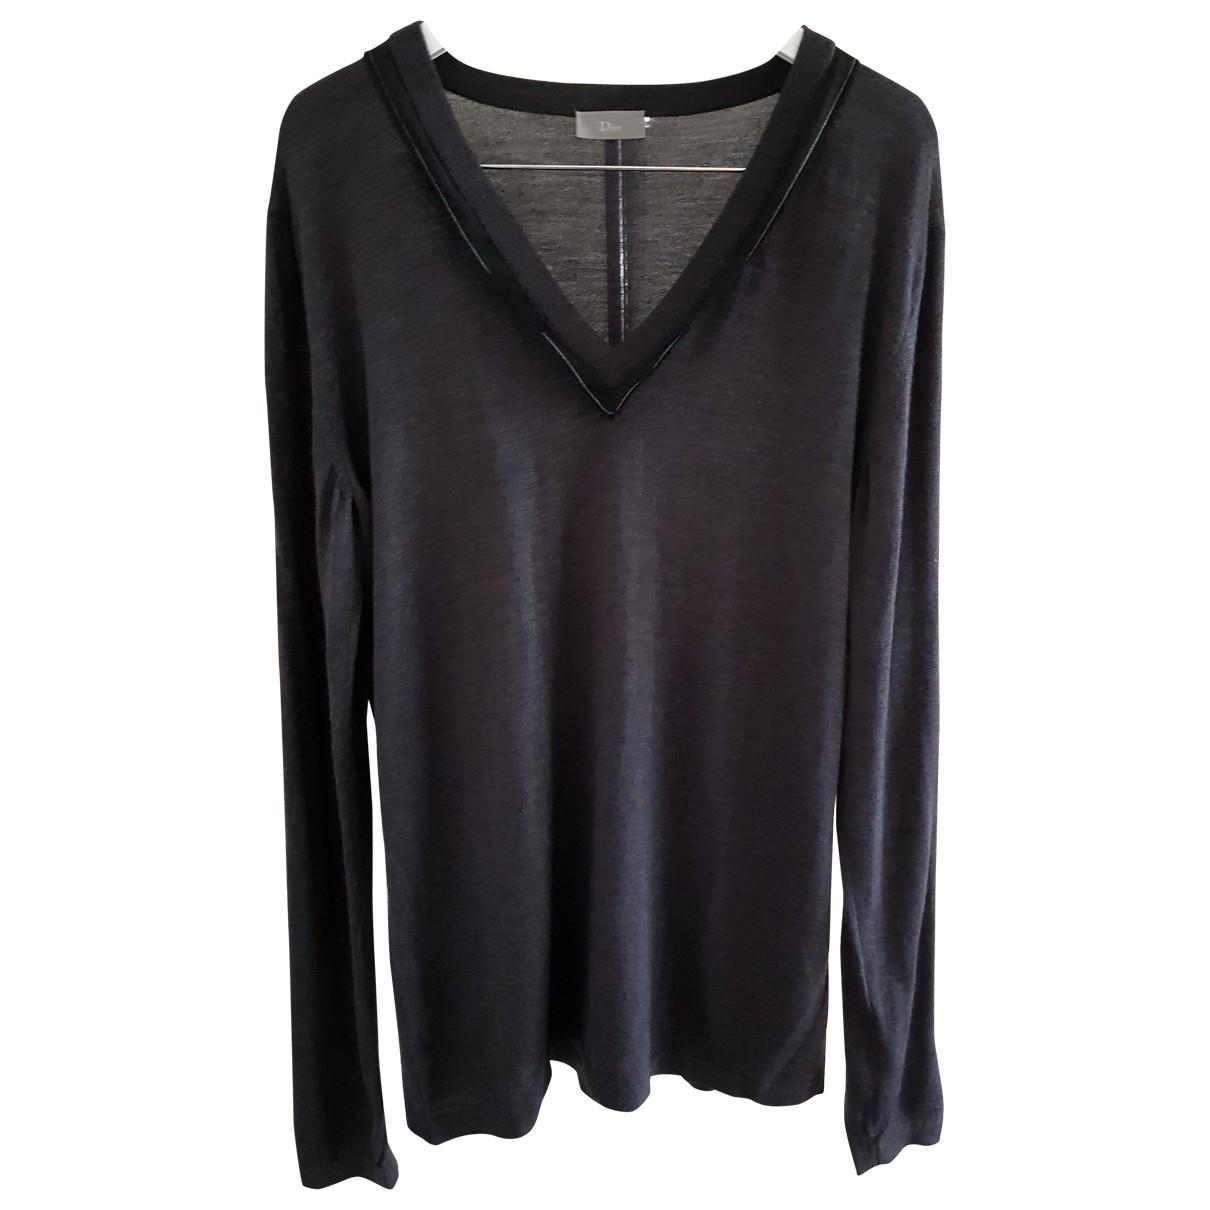 Dior Homme - Pulls.Gilets.Sweats   pour homme en laine - anthracite